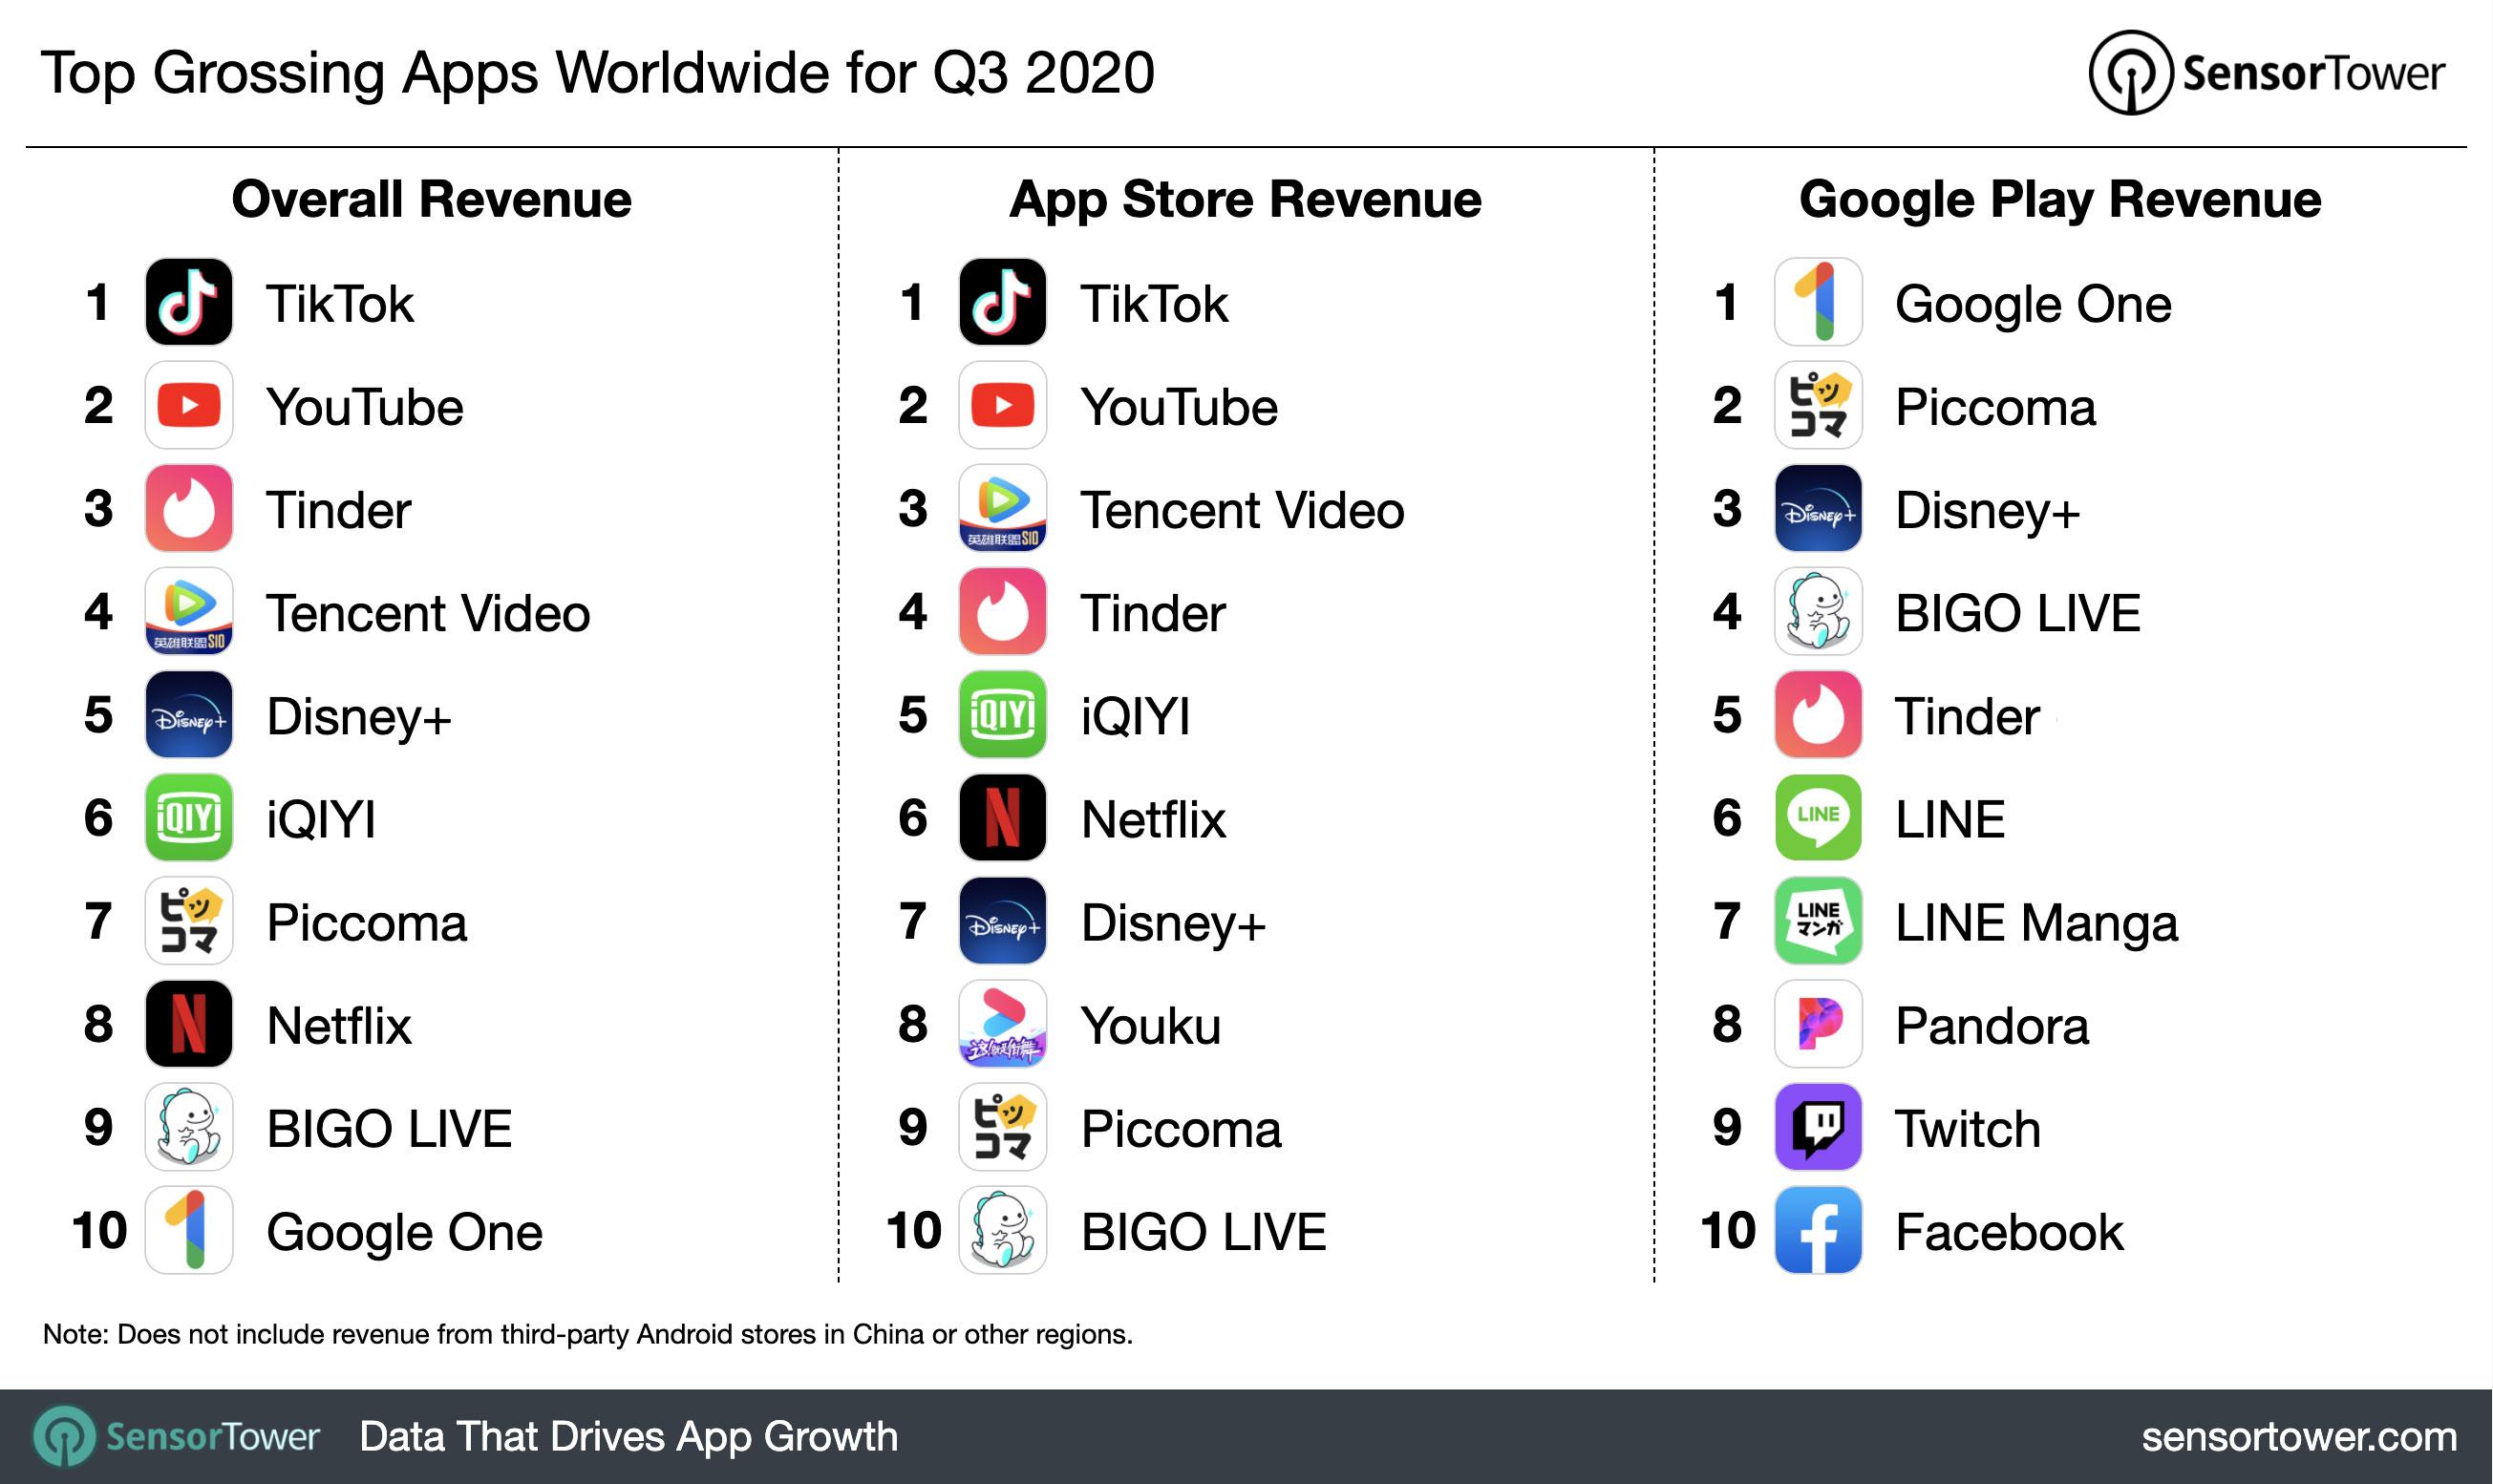 TikTok остаётся самым прибыльным неигровым приложением в мире